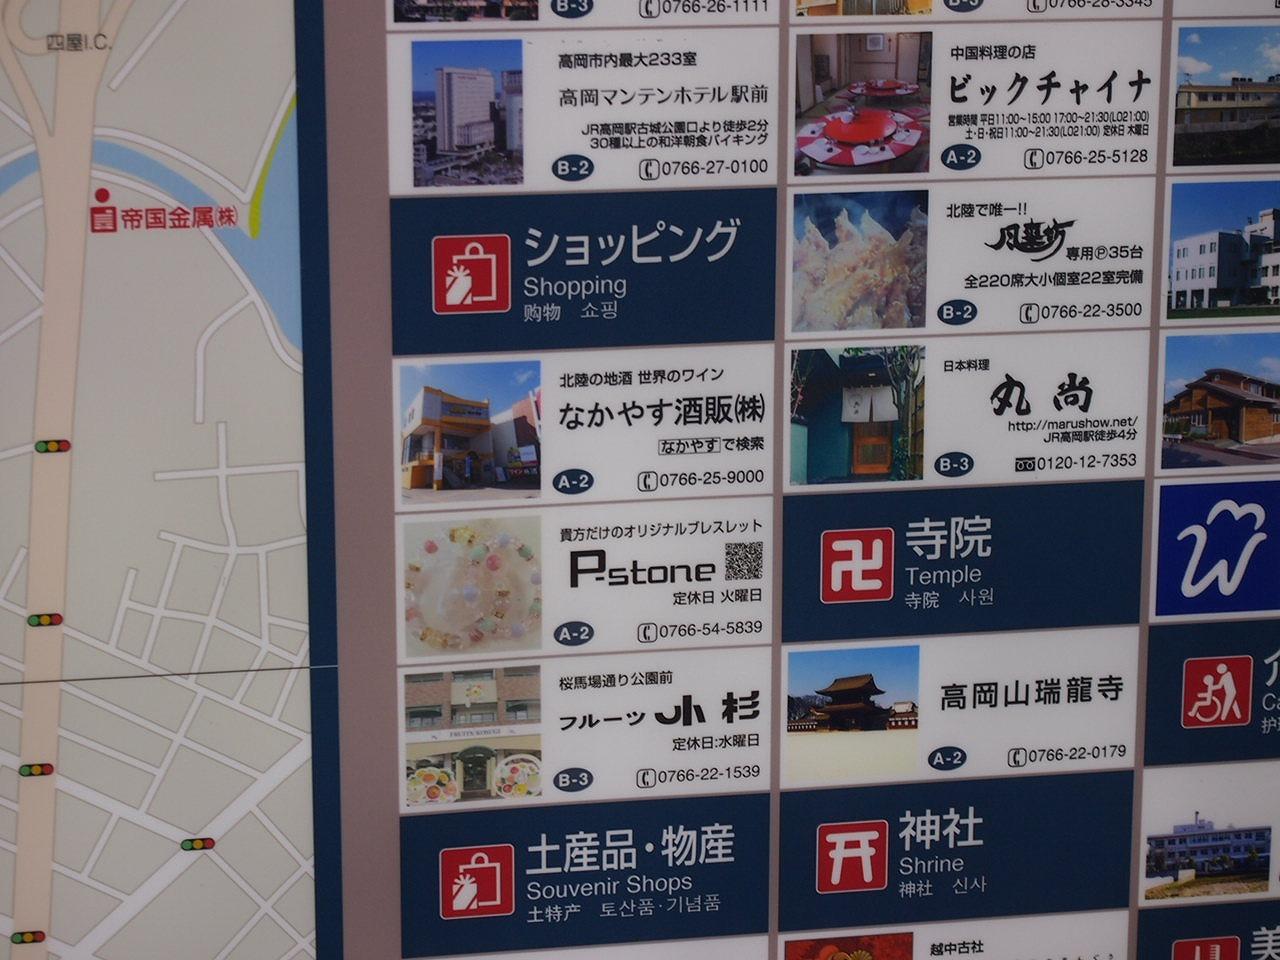 高岡駅構内の看板にもなかやすが登場しています